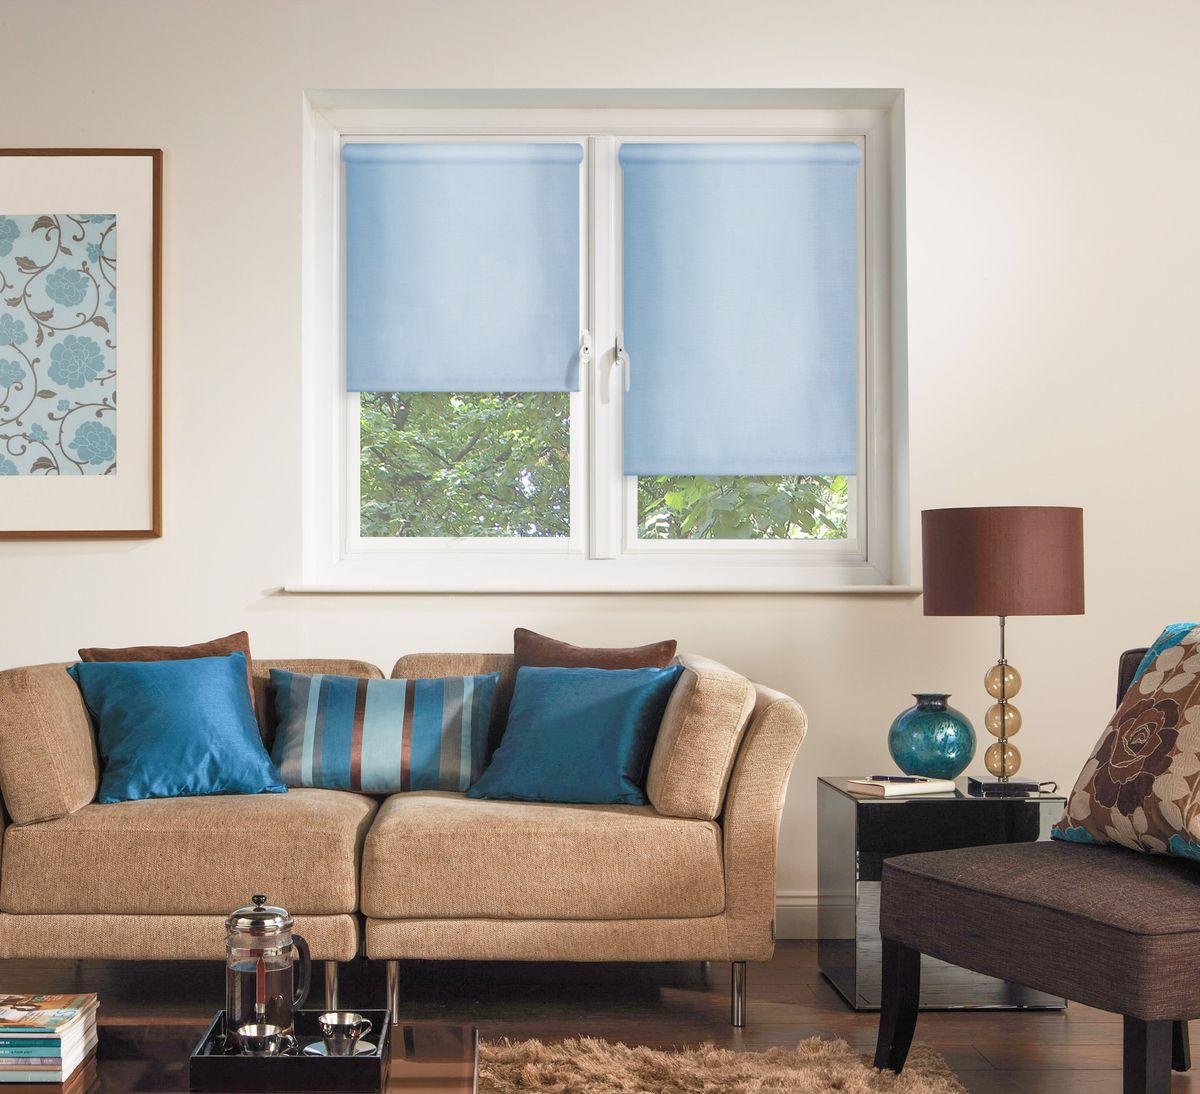 Штора рулонная Эскар Миниролло, цвет: голубой, ширина 90 см, высота 170 смS03301004Рулонная штора Эскар Миниролло выполнена из высокопрочной ткани, которая сохраняет свой размер даже при намокании. Ткань не выцветает и обладает отличной цветоустойчивостью.Миниролло - это подвид рулонных штор, который закрывает не весь оконный проем, а непосредственно само стекло. Такие шторы крепятся на раму без сверления при помощи зажимов или клейкой двухсторонней ленты (в комплекте). Окно остается на гарантии, благодаря монтажу без сверления. Такая штора станет прекрасным элементом декора окна и гармонично впишется в интерьер любого помещения.